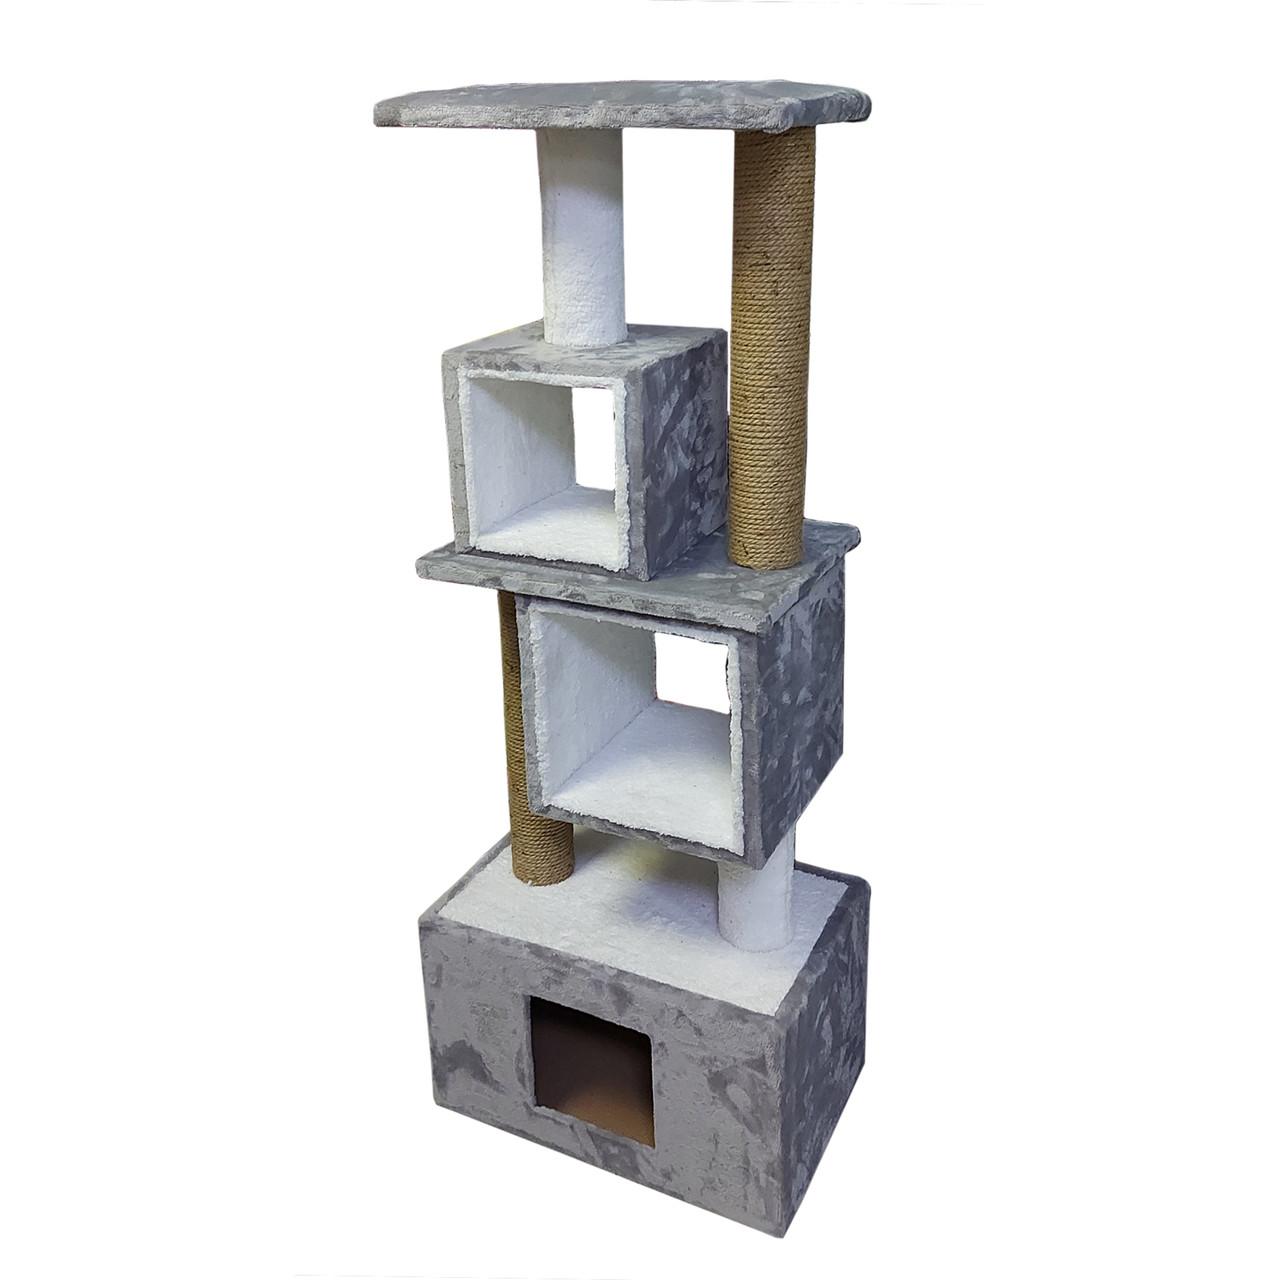 Спально-игровой комплекс для кошек Rubik's